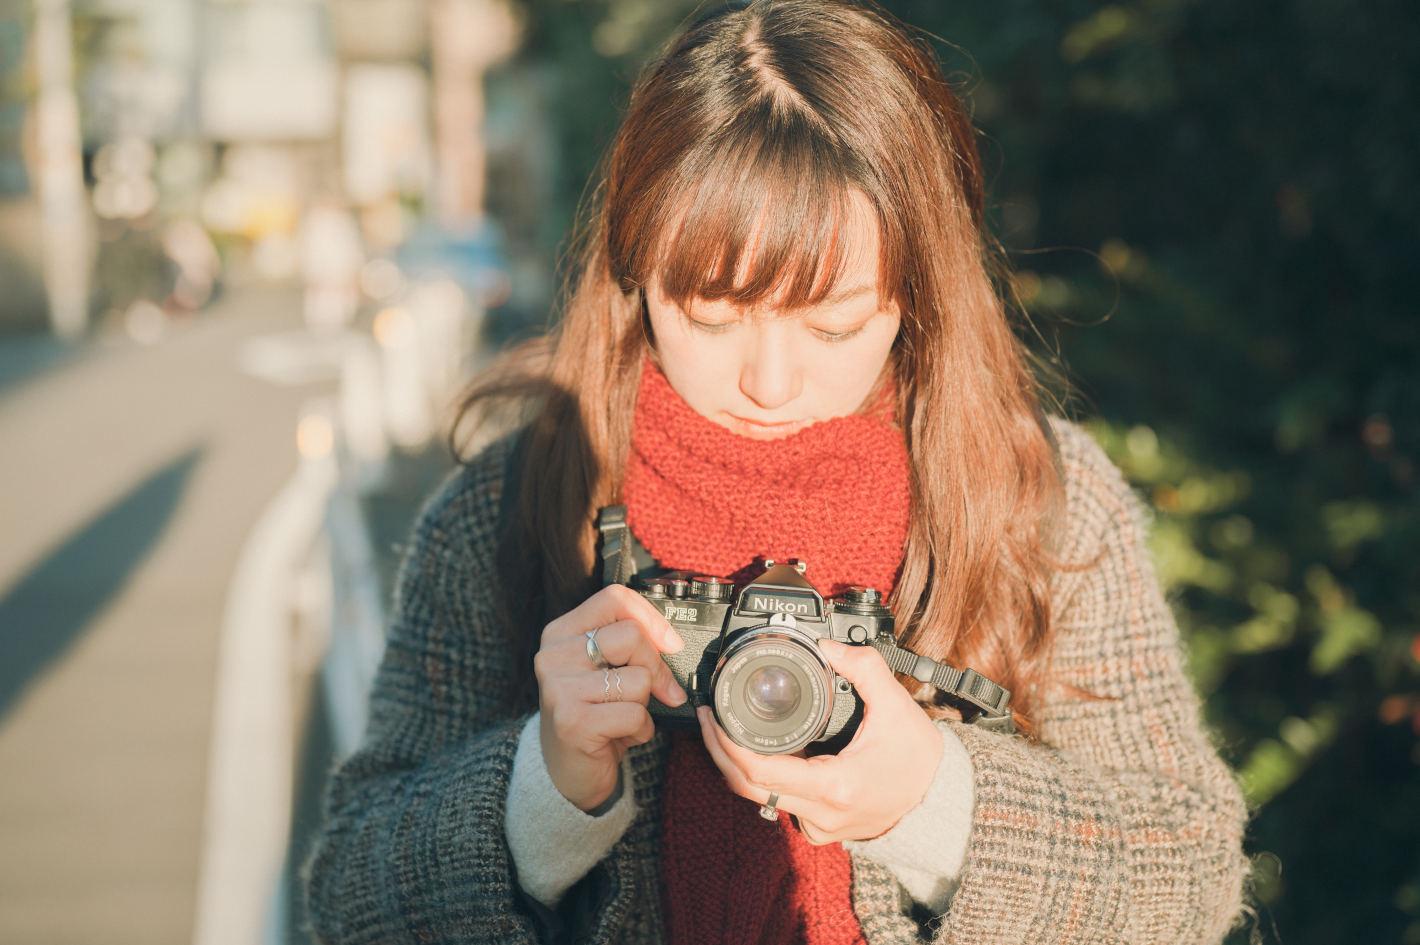 フォトグラファーの鞄の中身 - nanoさんのフィルムカメラ街撮りスタイル